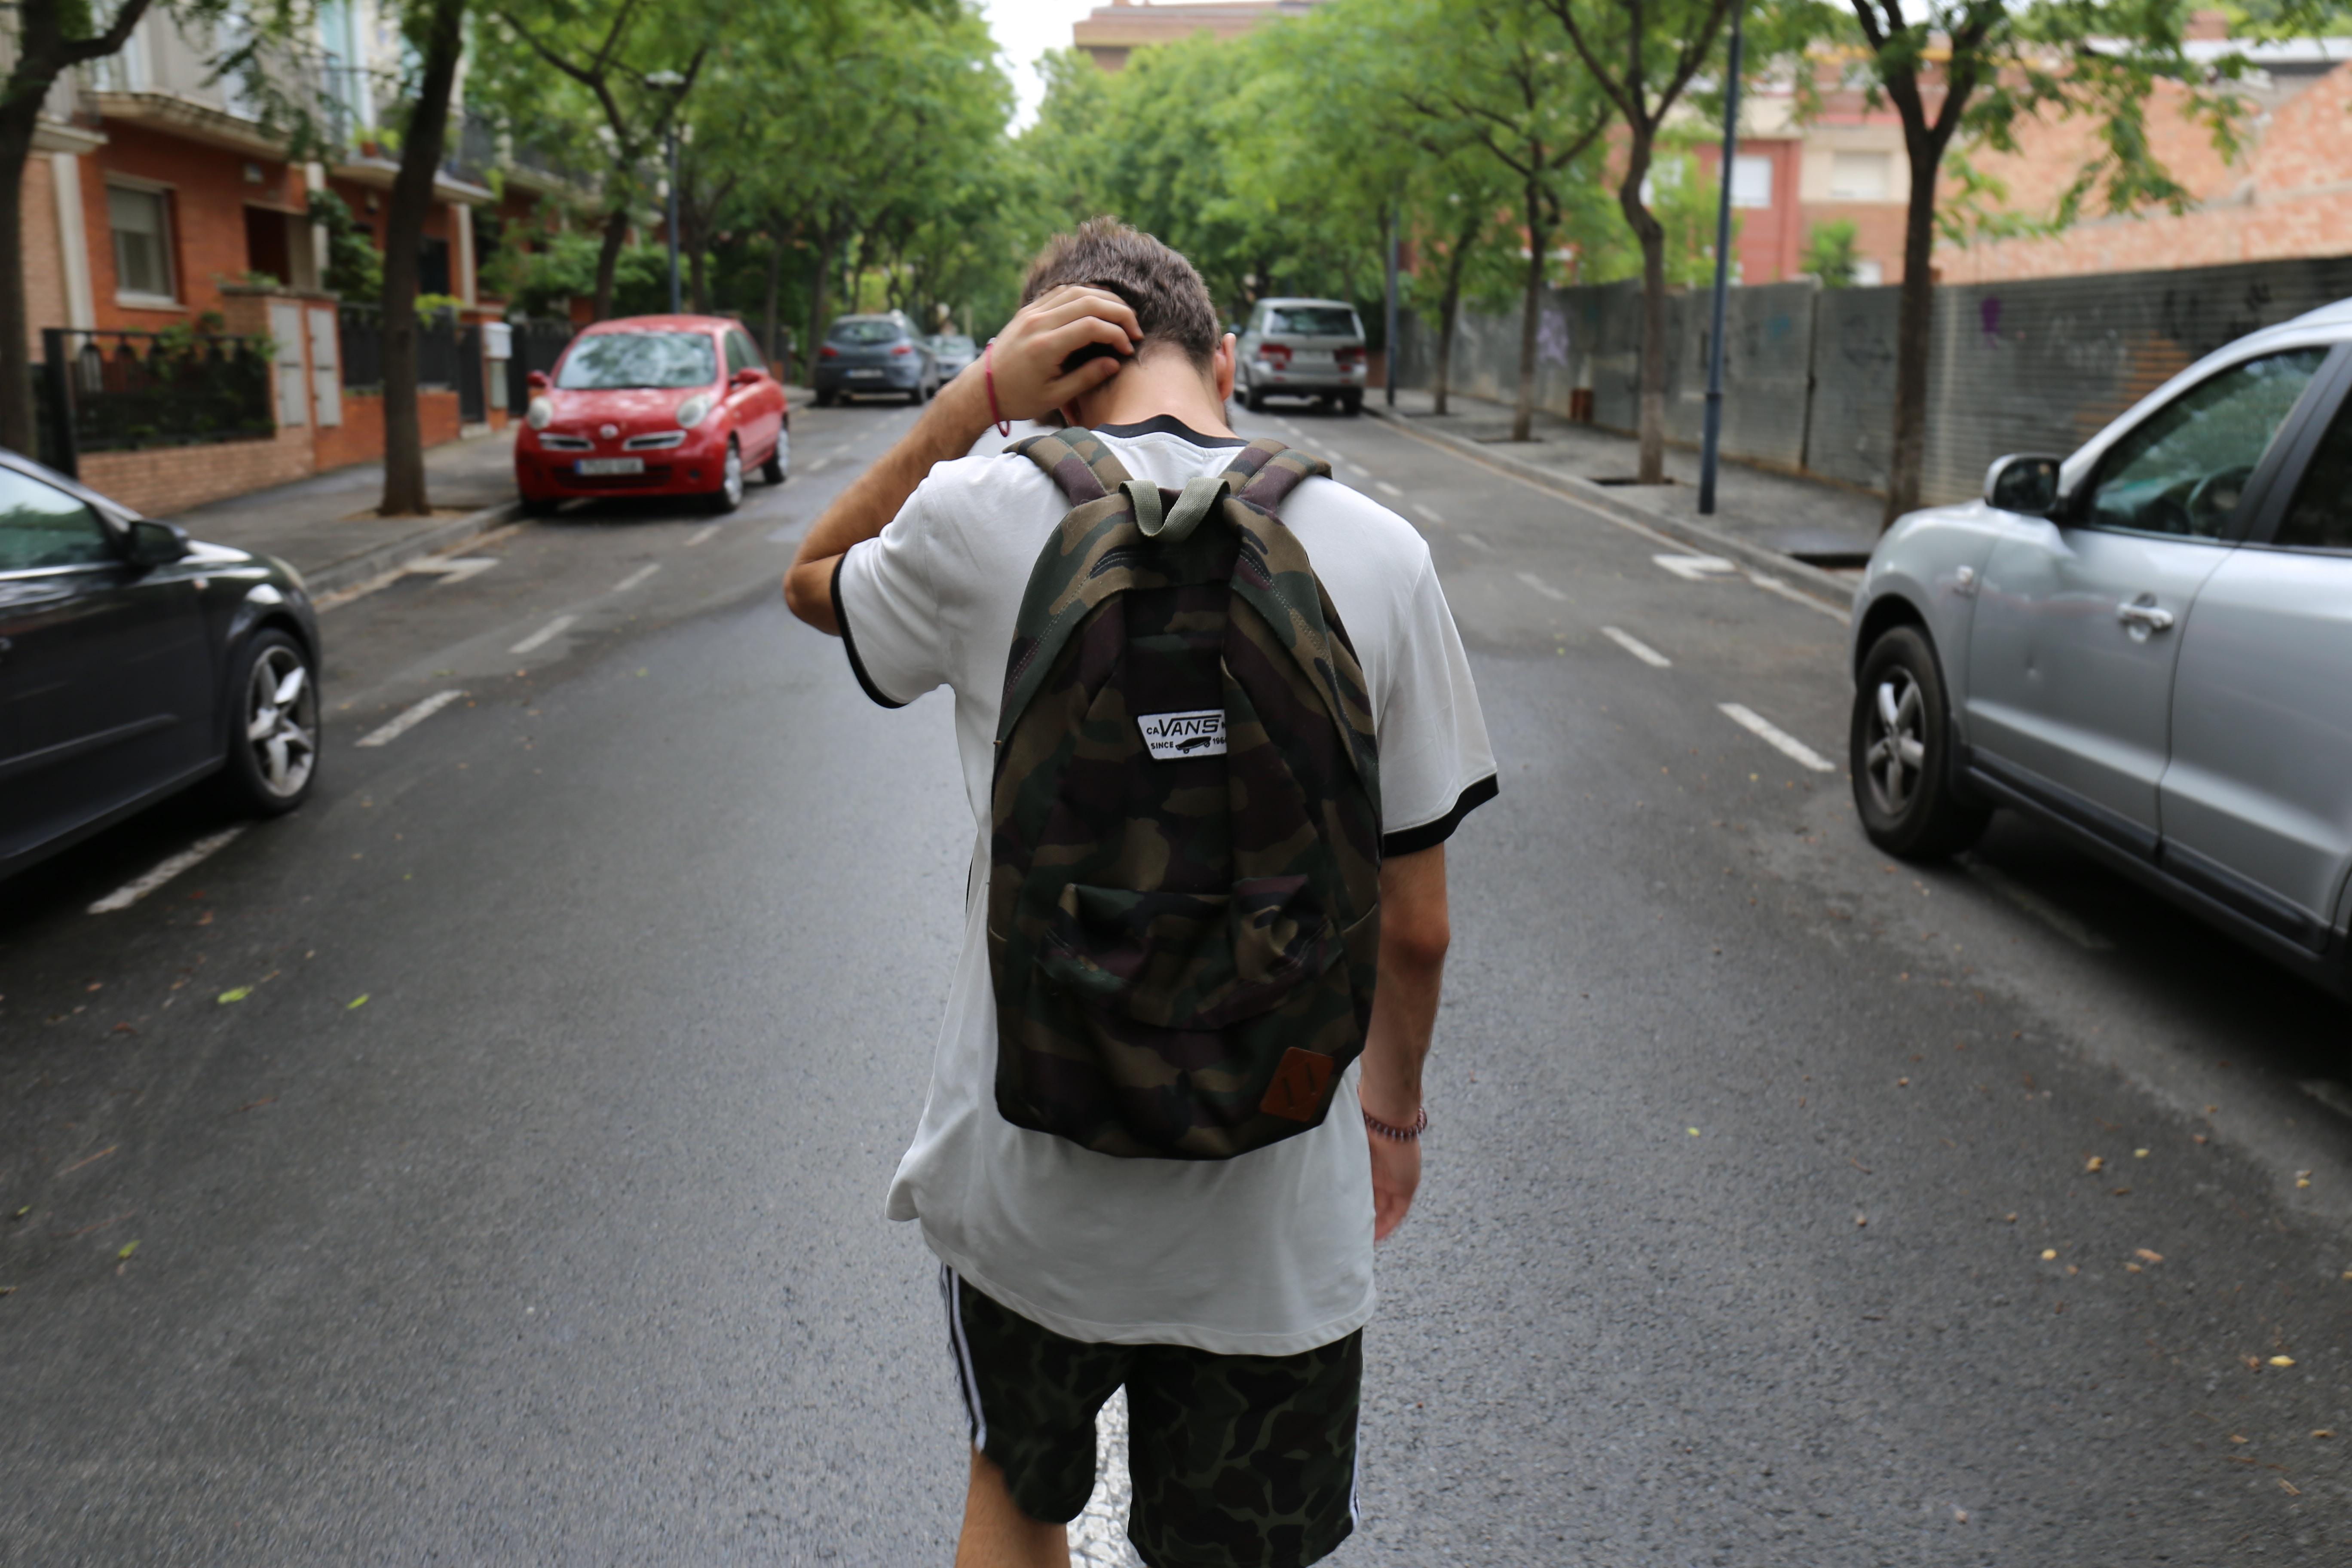 Teen boy walking home from school wearing a backpack